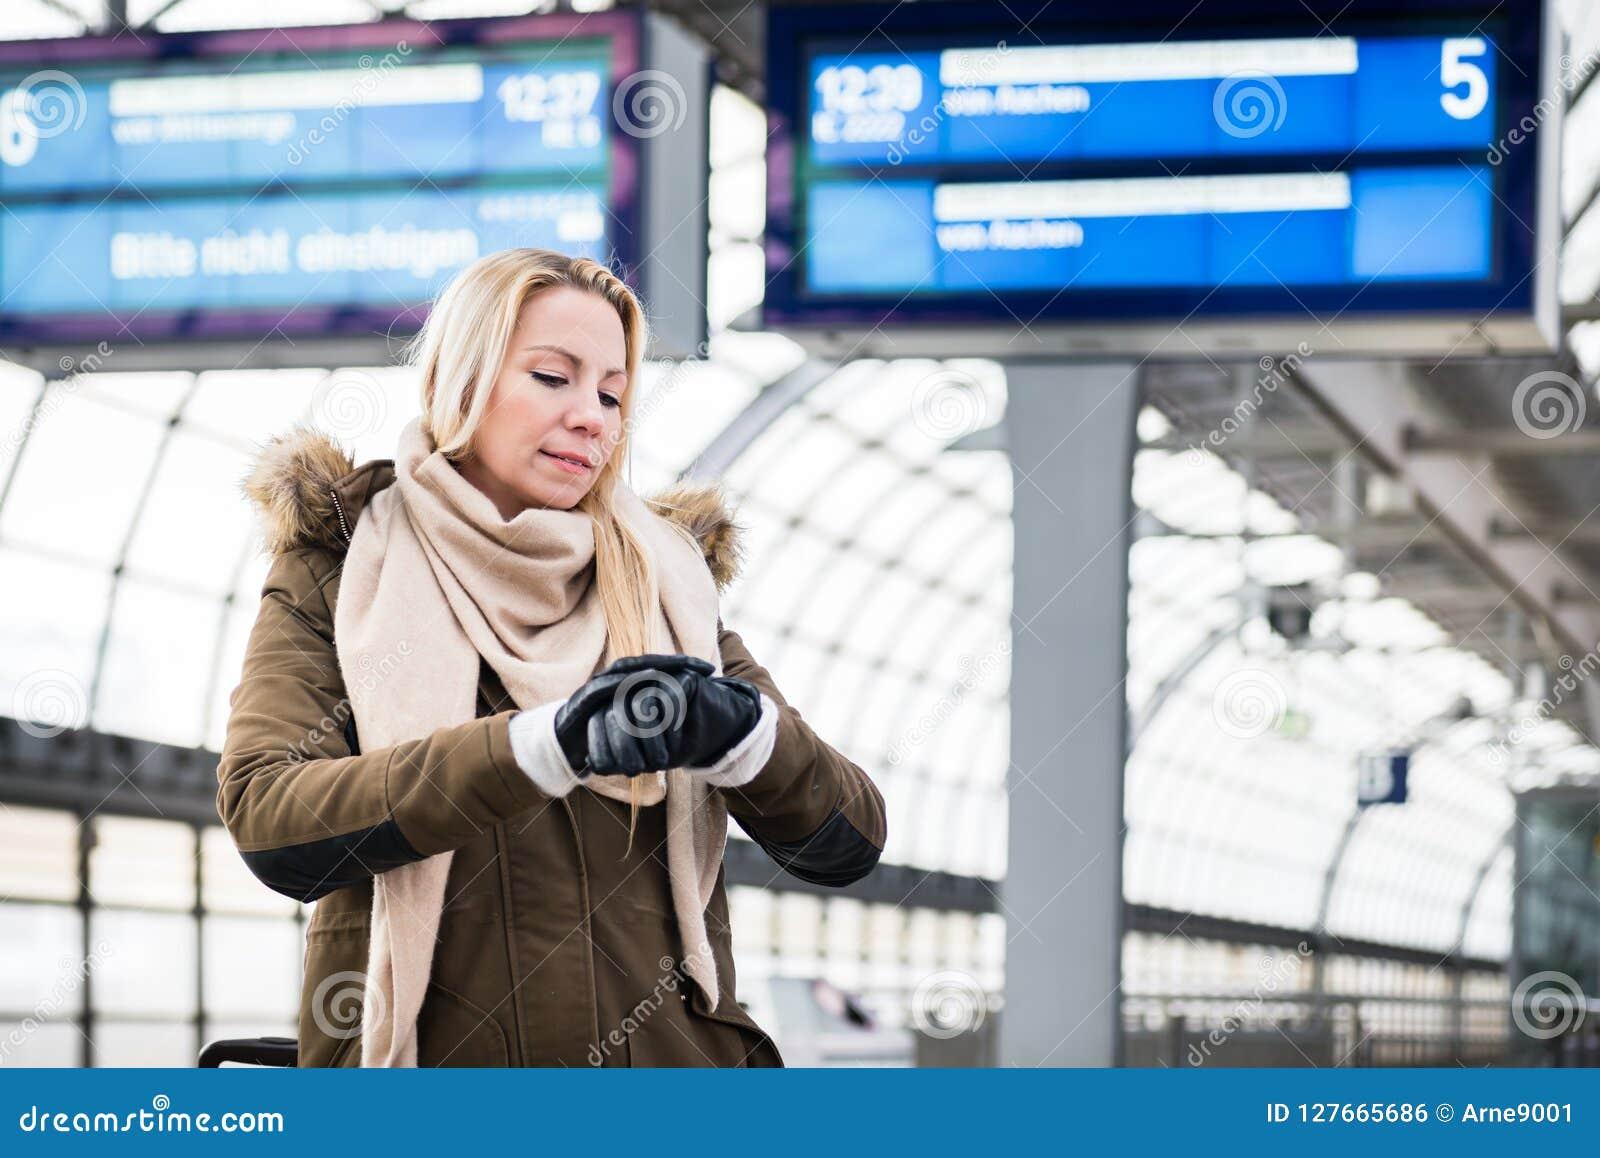 La femme regardant la montre-bracelet dans la station de train en tant que son train a un retard